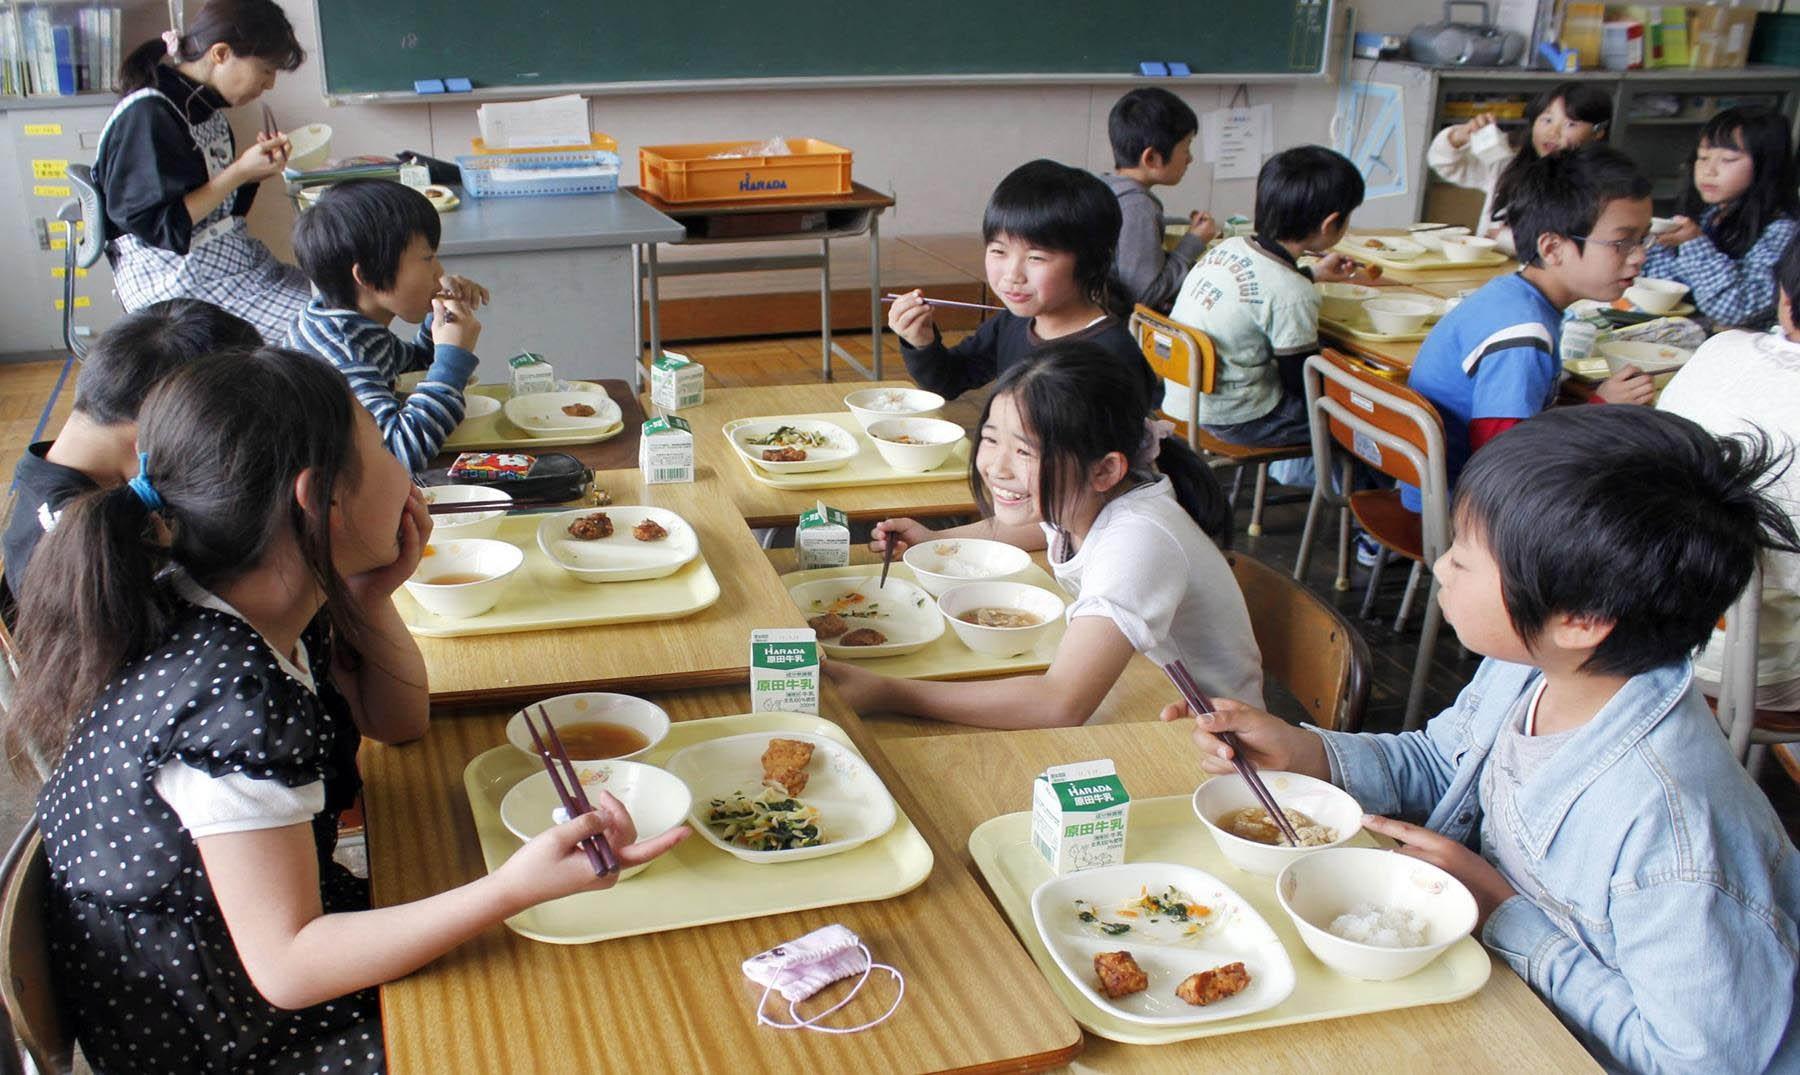 Giáo dục Nhật đi đầu thế giới vì họ dám dạy học sinh những điều mà không phải quốc gia nào cũng dám - Ảnh 4.